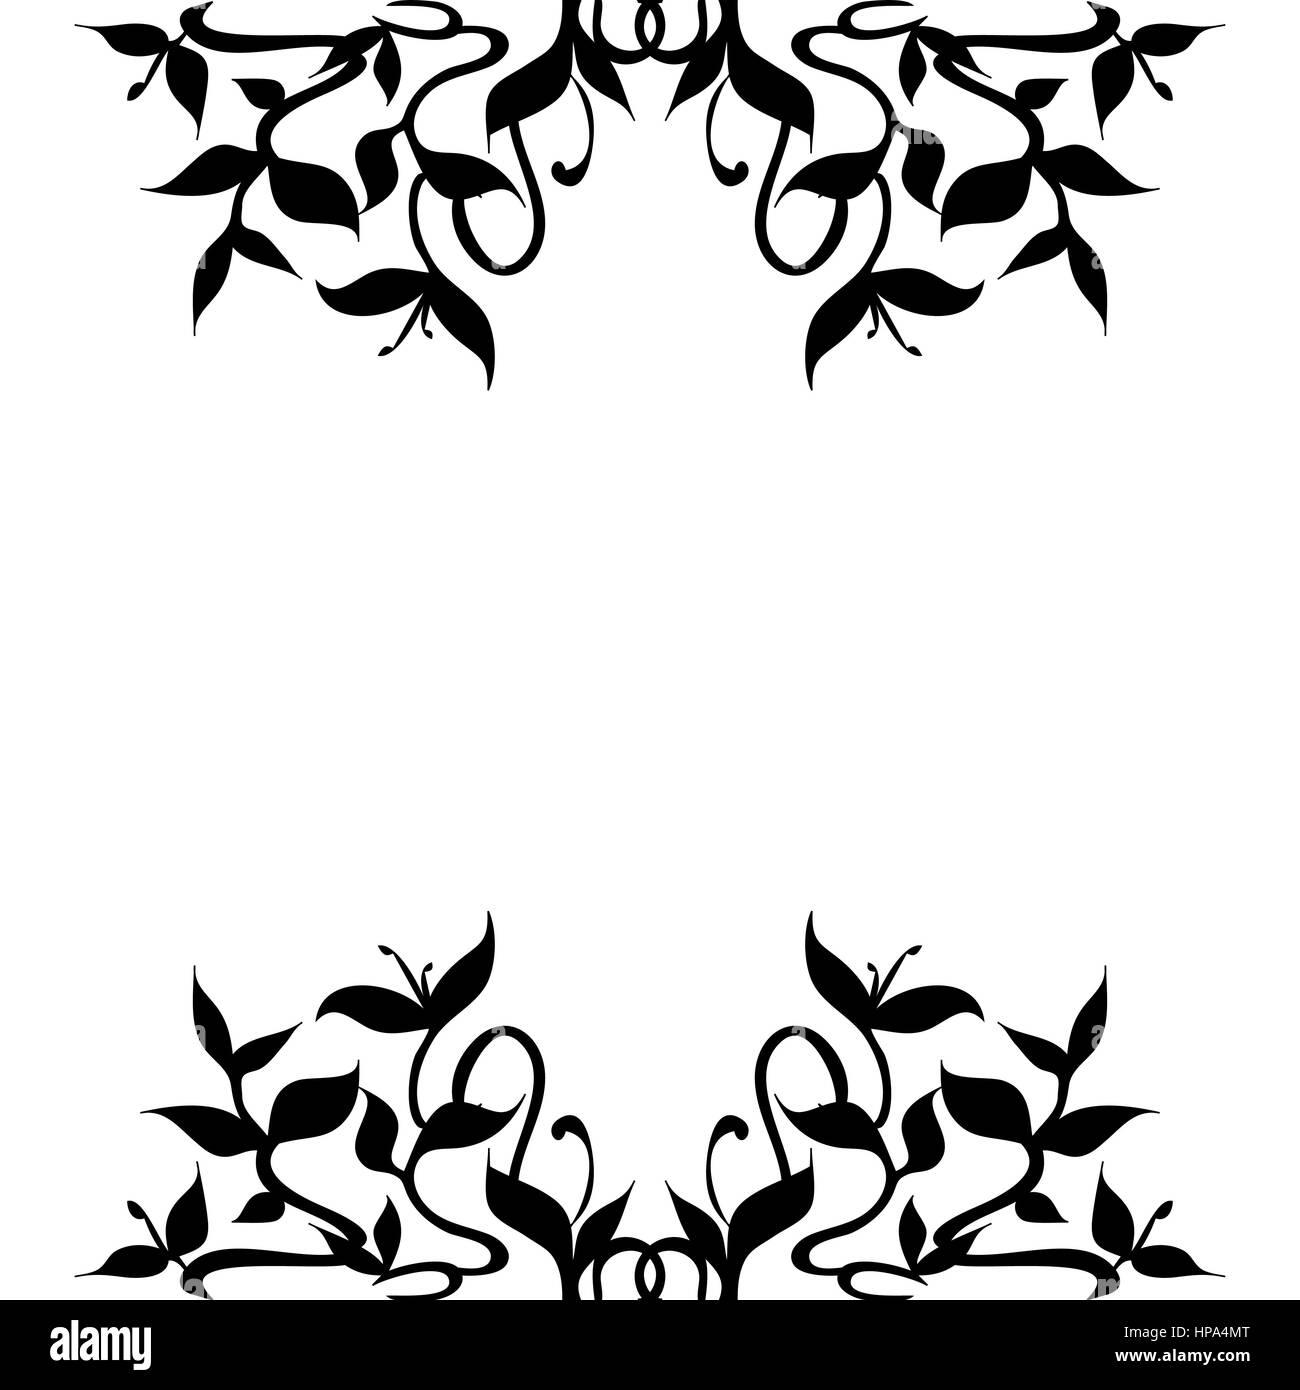 Ilustración de brotes vegetales estilizados para decorar los bordes ...